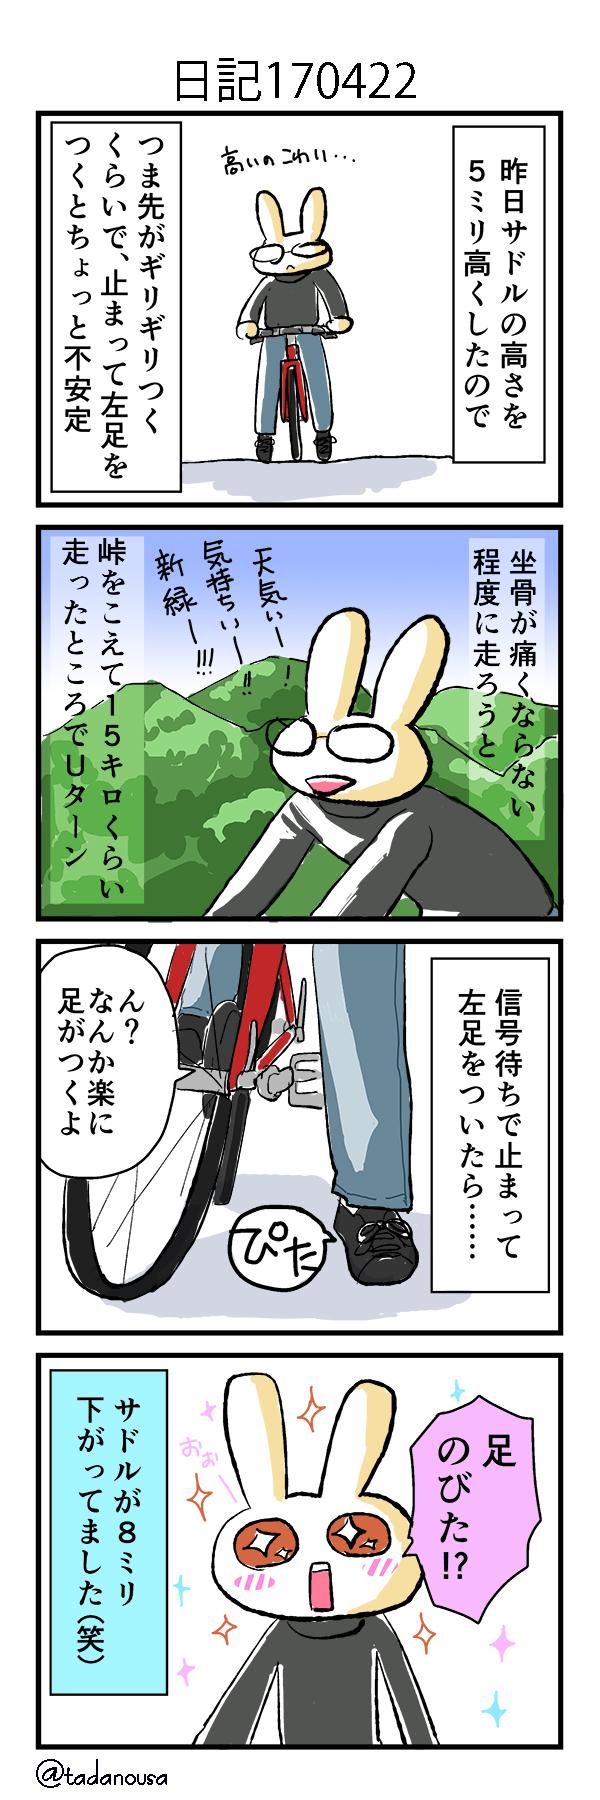 bike_4koma_170422_s.jpg